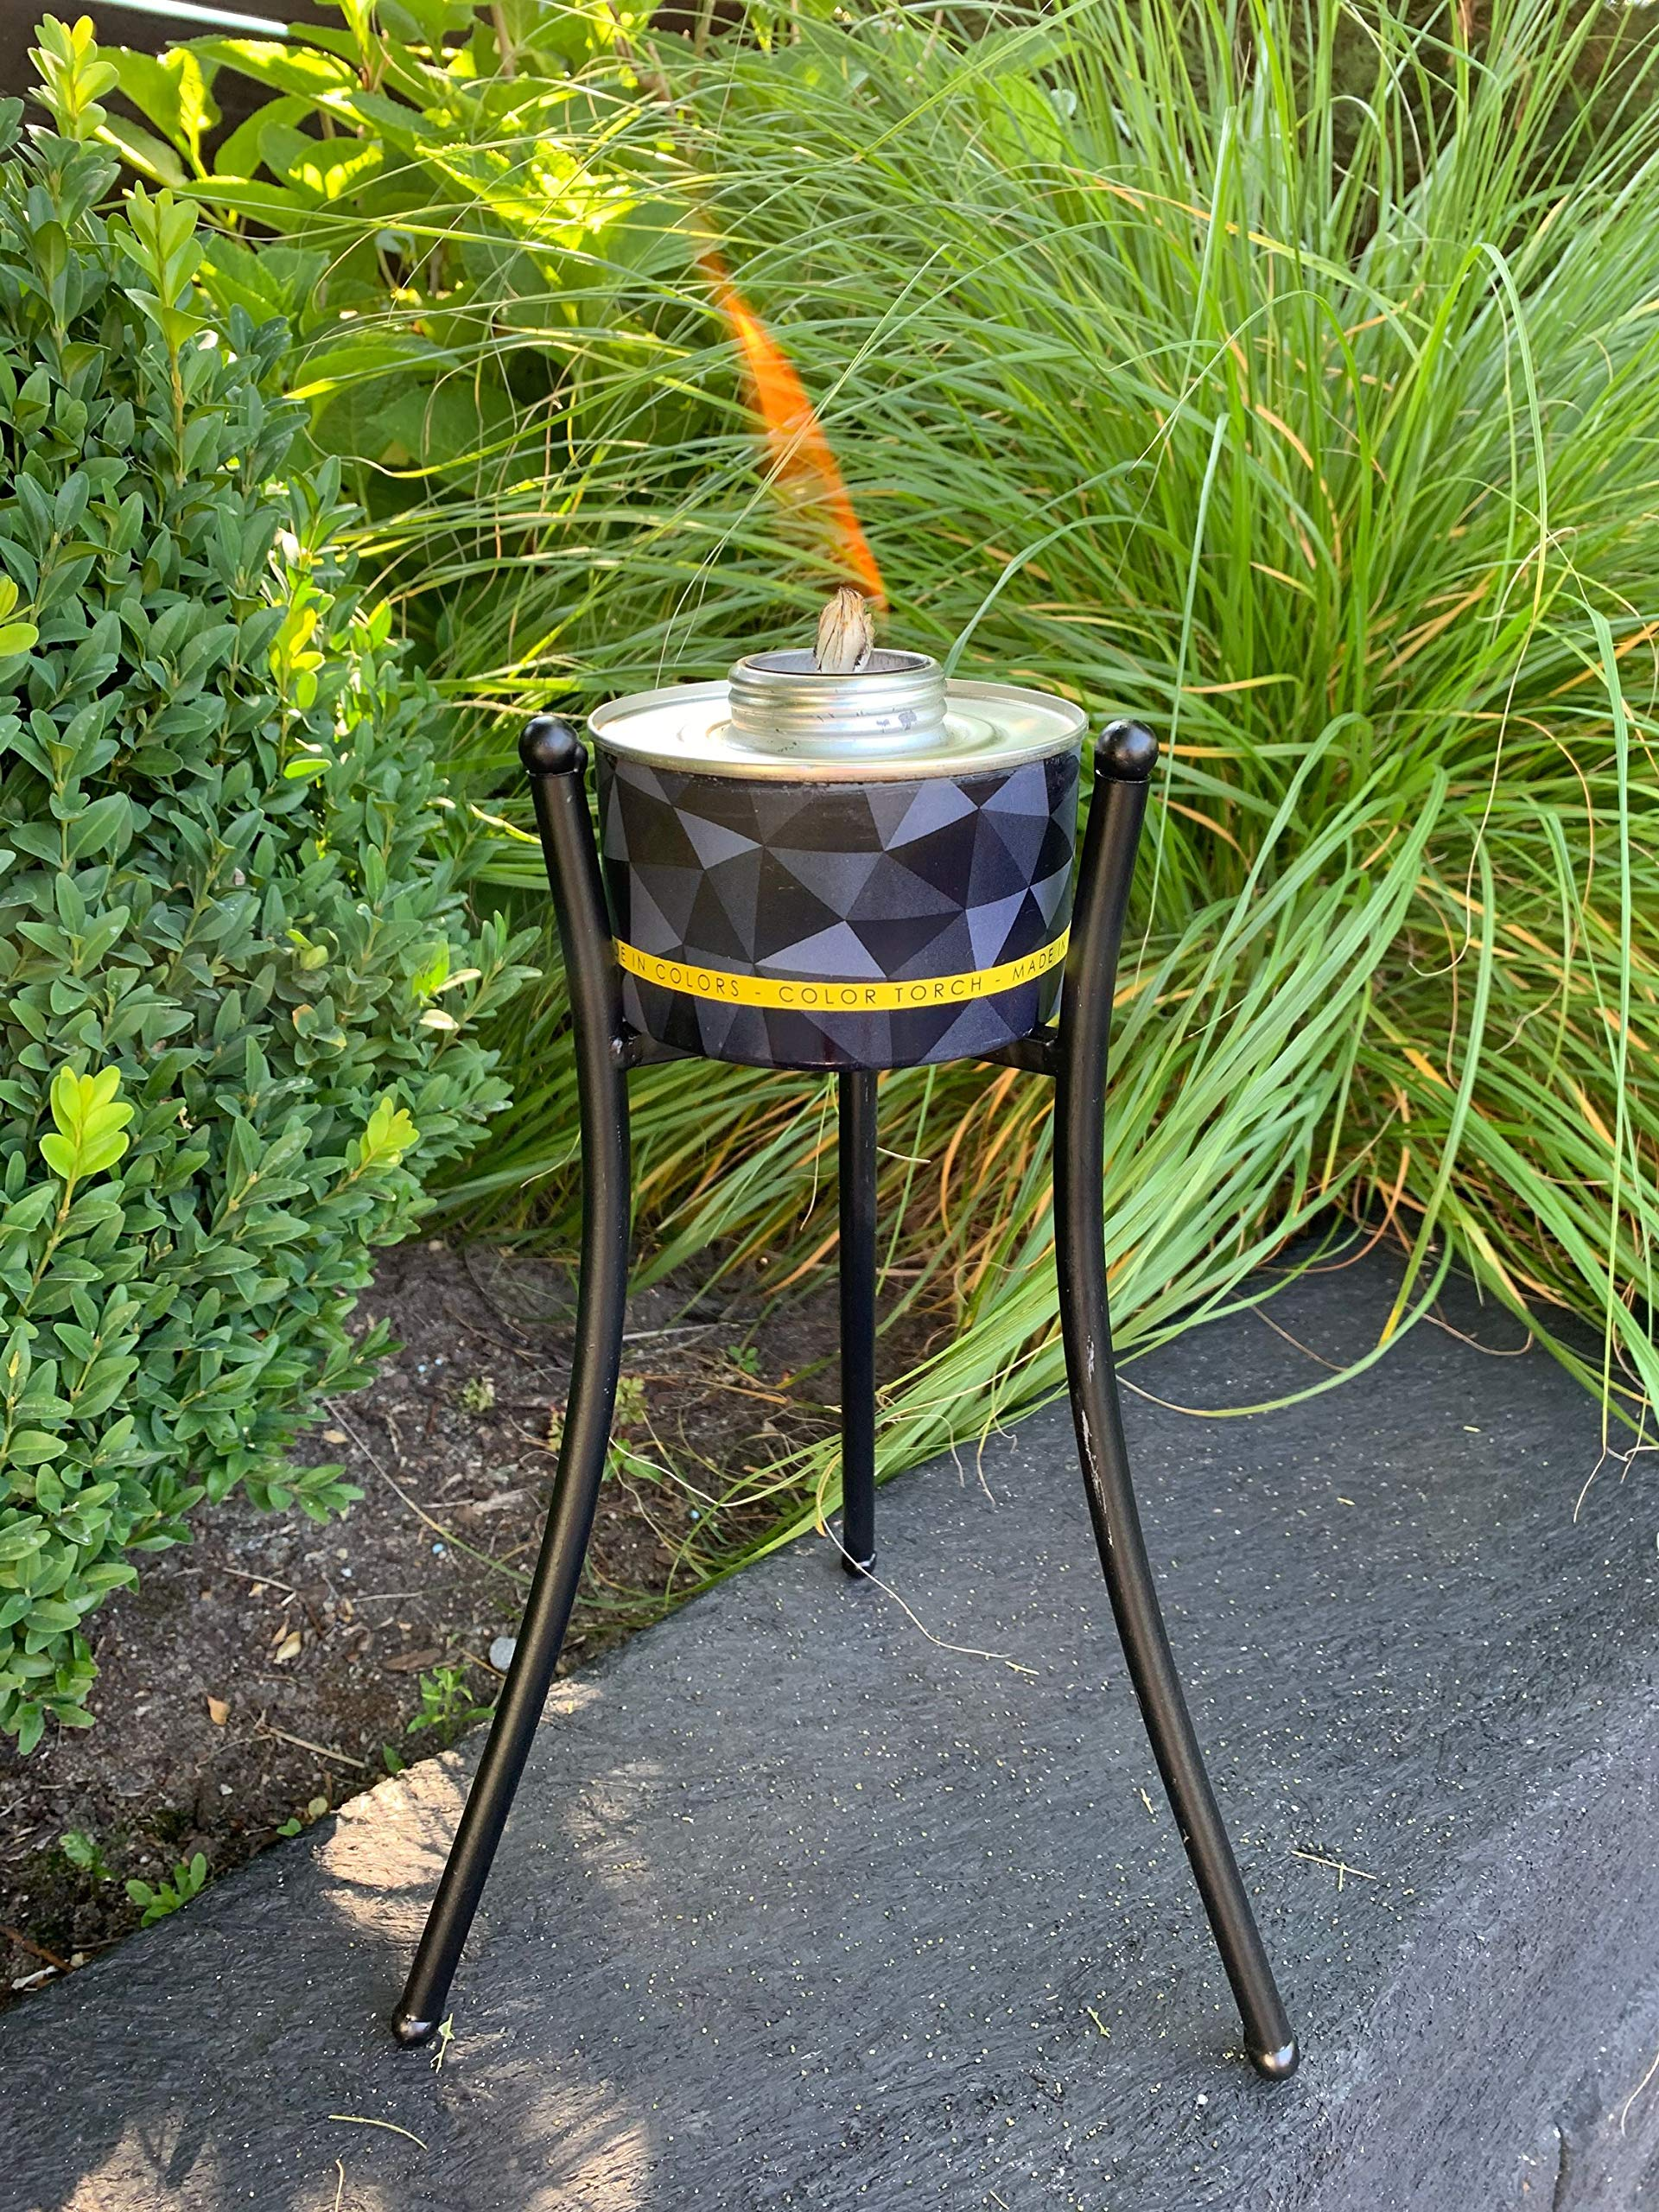 Juego de 4 antorchas de jardín de color Torch, incluye 1 soporte de 3 patas, antorchas de color naranja, amarillo, verde y rojo, sin difusor de aros aromáticos, fabricadas en colores: Amazon.es: Jardín